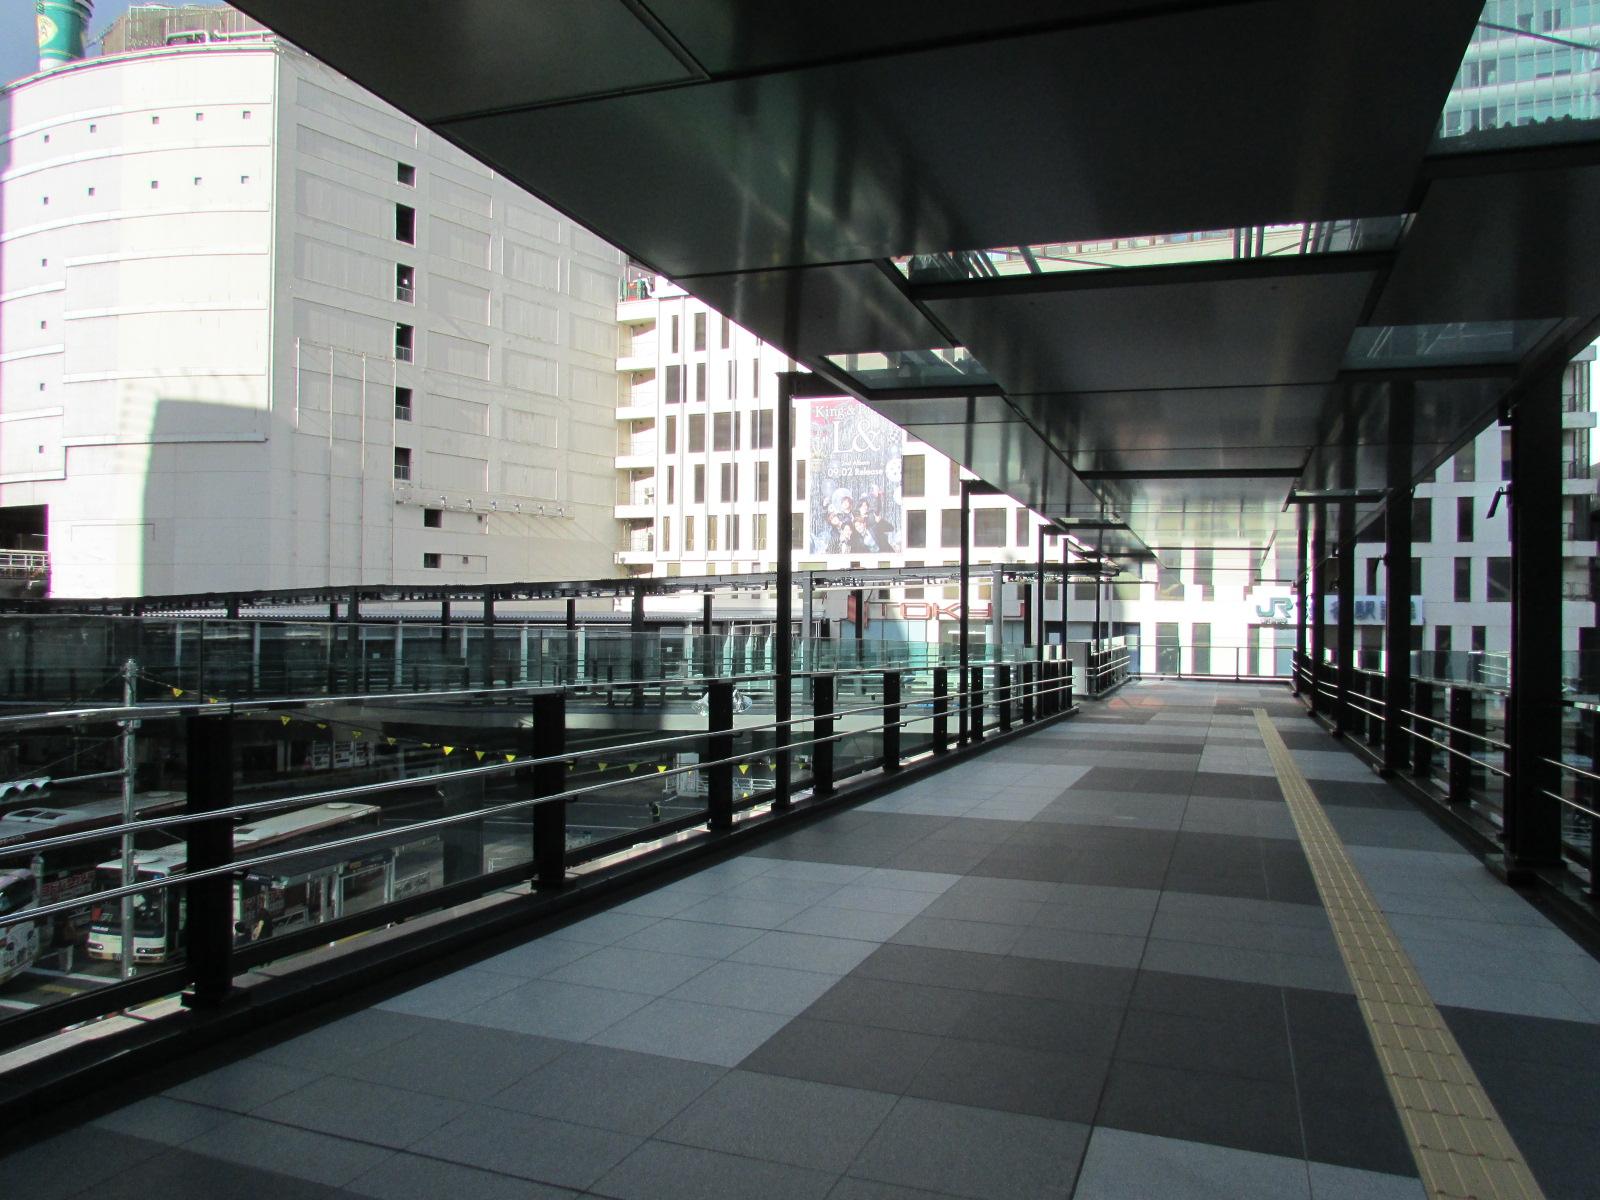 f:id:hiro-jp:20200905155243j:plain